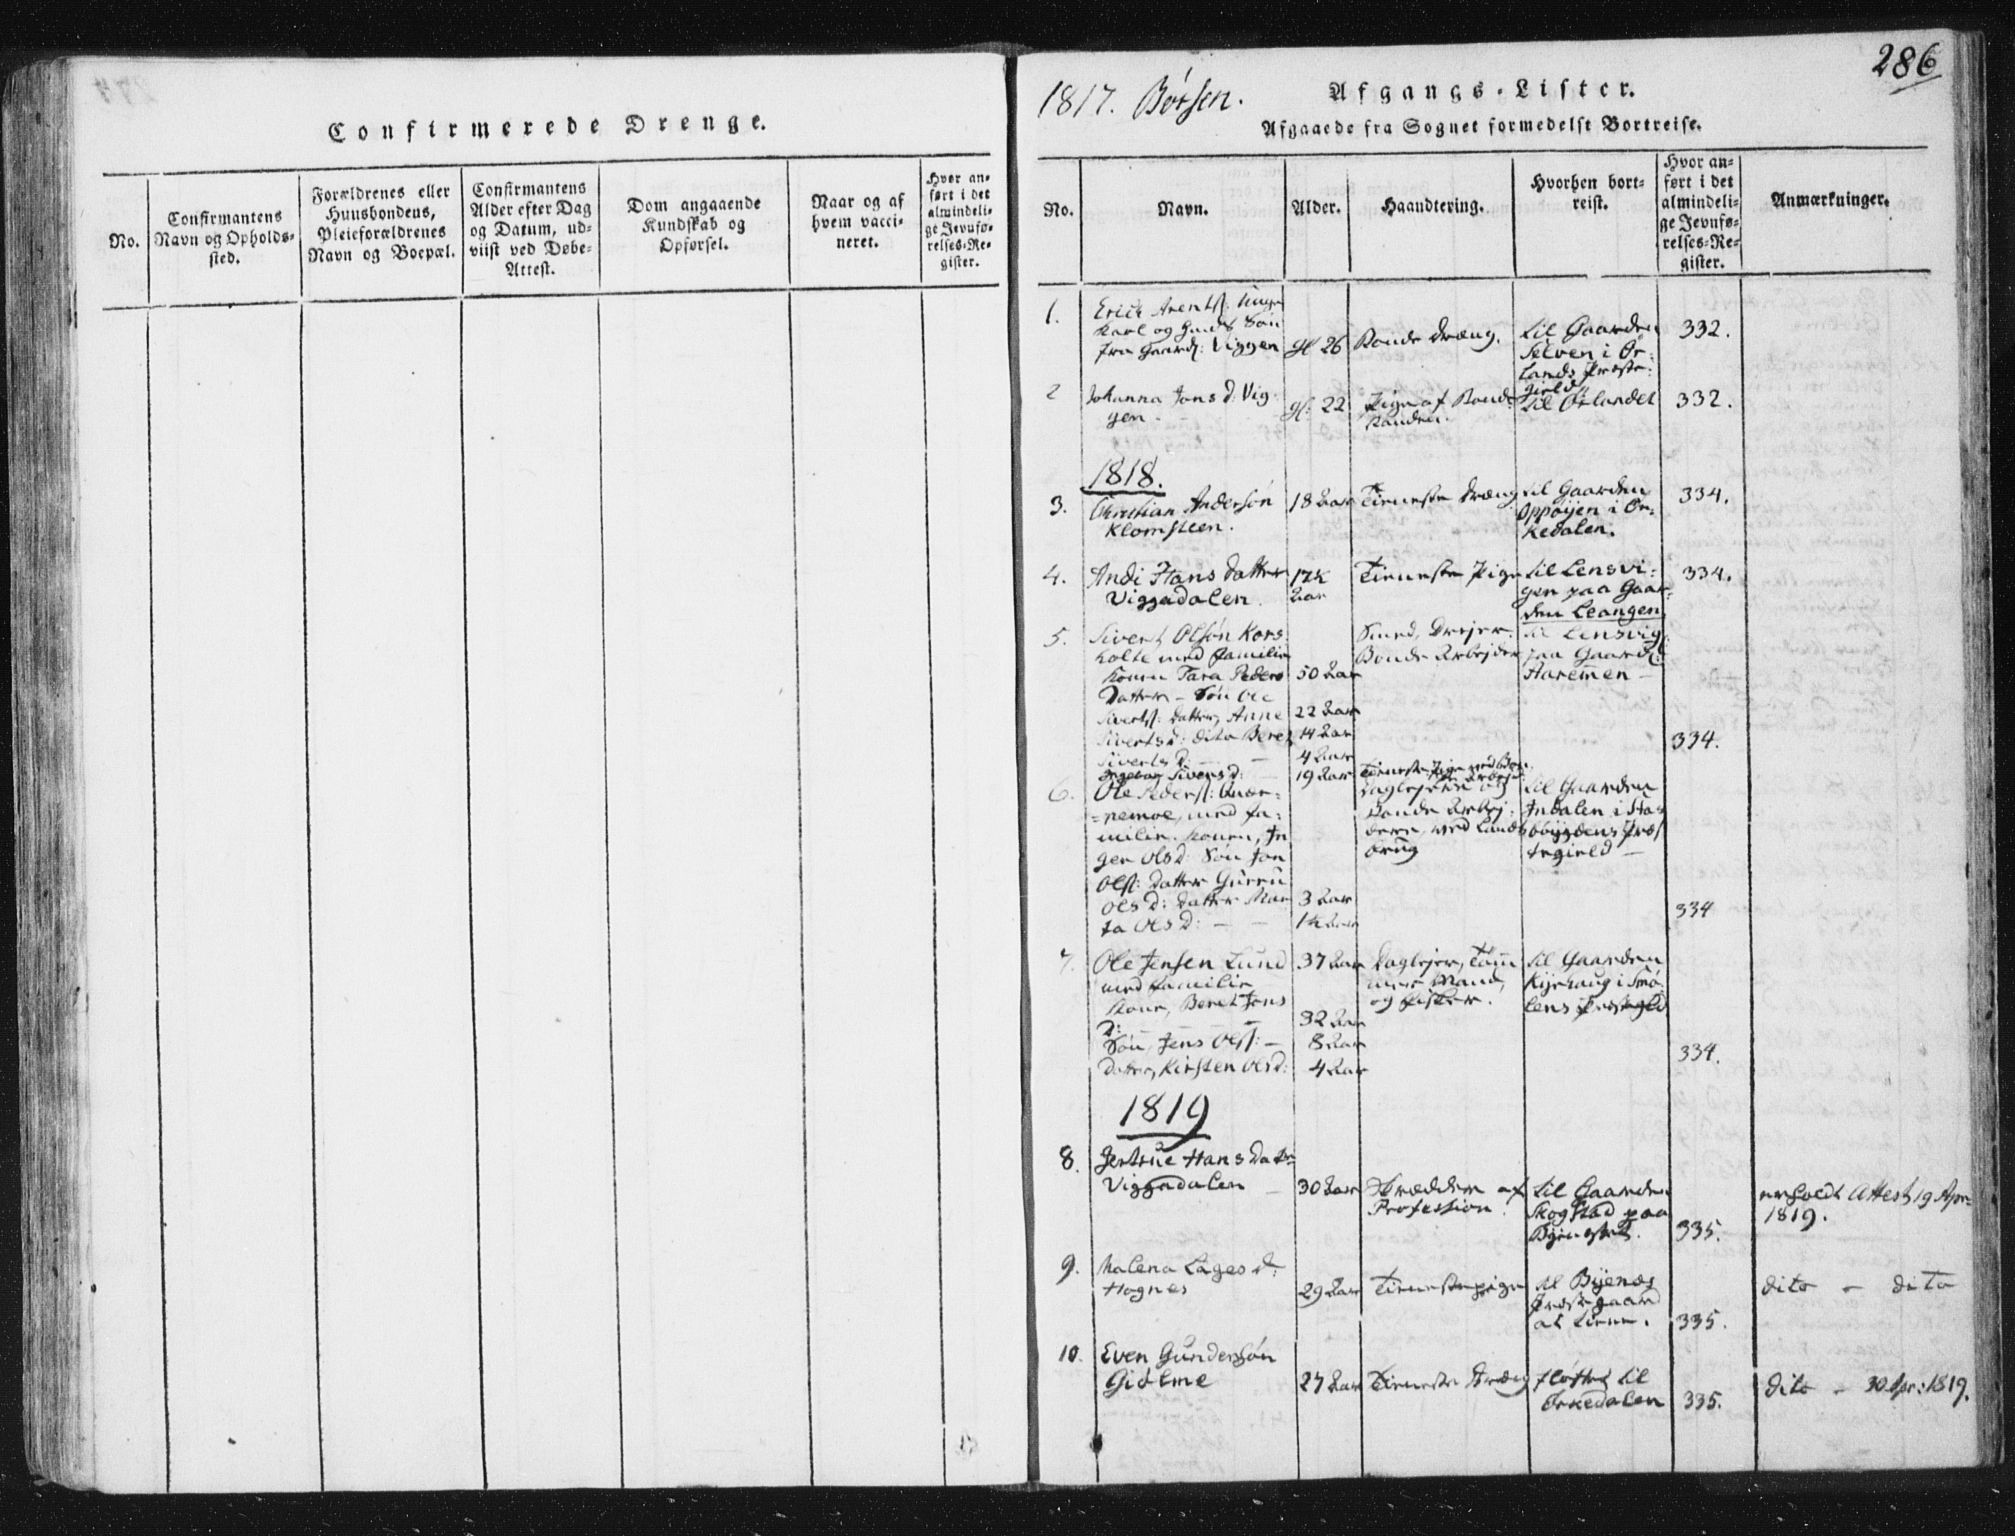 SAT, Ministerialprotokoller, klokkerbøker og fødselsregistre - Sør-Trøndelag, 665/L0770: Ministerialbok nr. 665A05, 1817-1829, s. 286